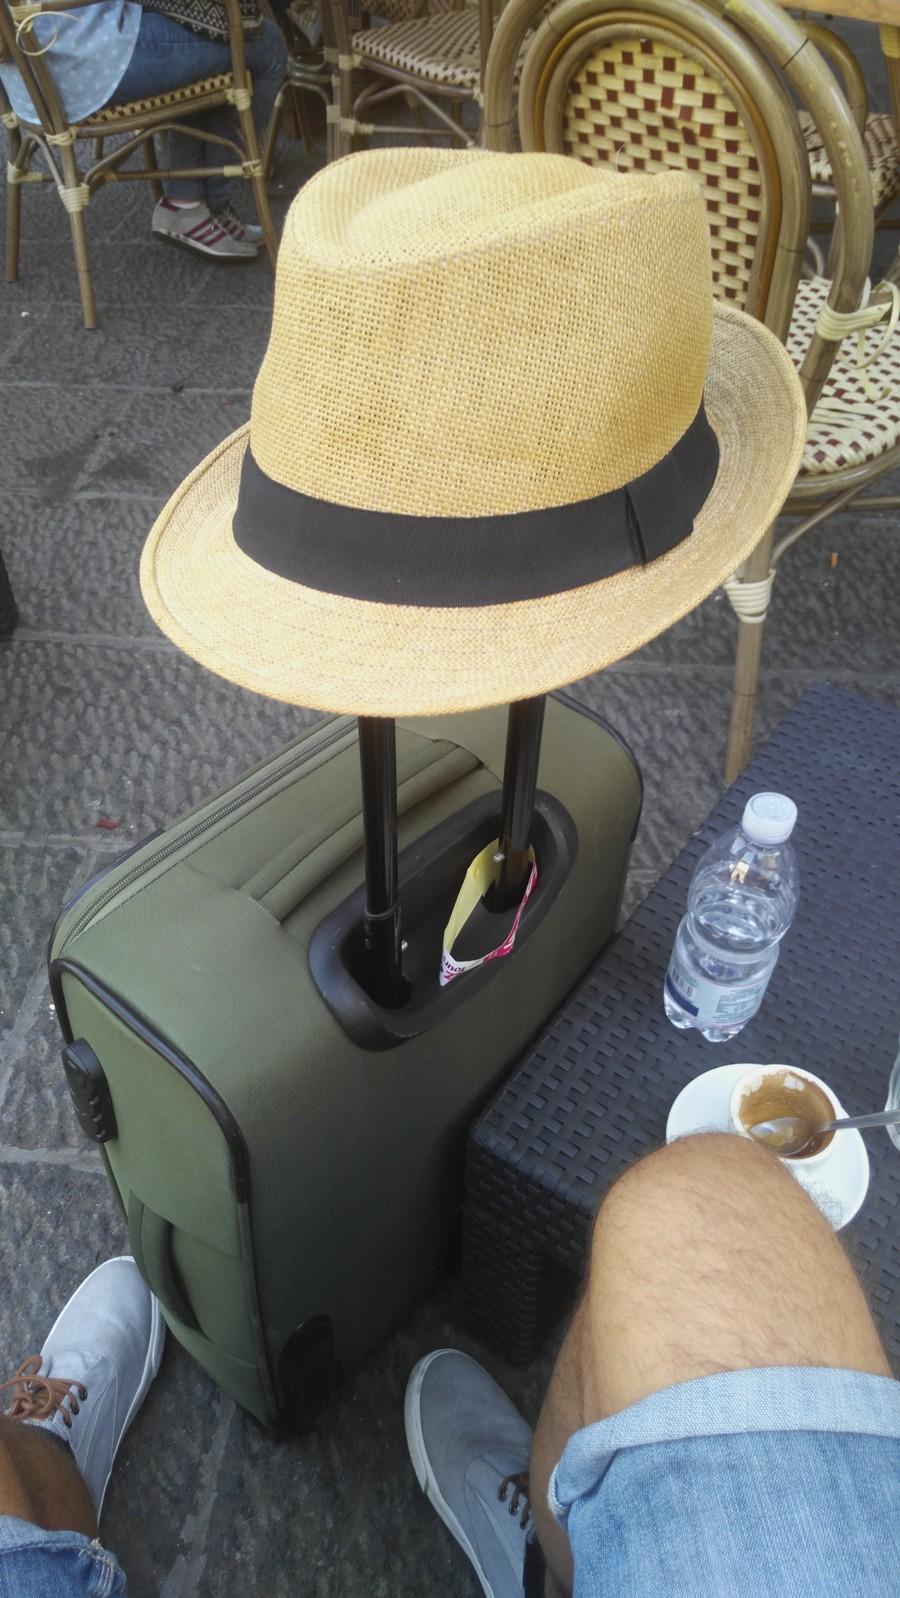 pubtourist_naples_hat_pubcrawl